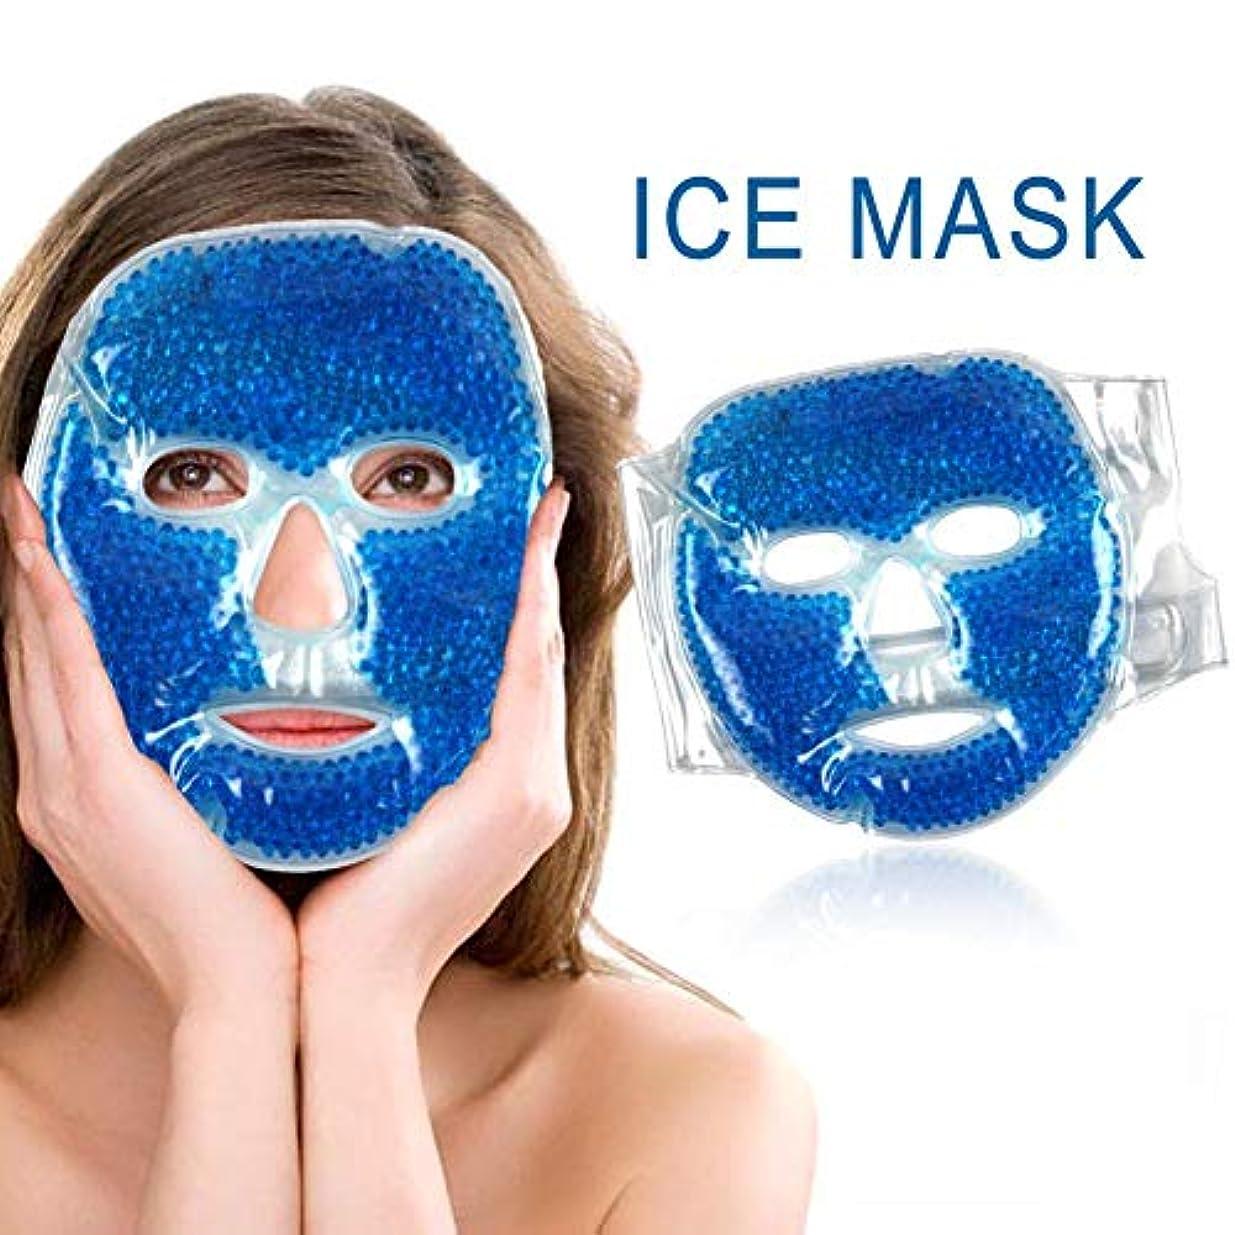 まっすぐにする貞ポルノSILUN フェイスマスク 冷温兼用 アイスマスク 美容用 再利用可能 毛細血管収縮 疲労緩和 肌ケア 保湿 吸収しやすい 美容マッサージ